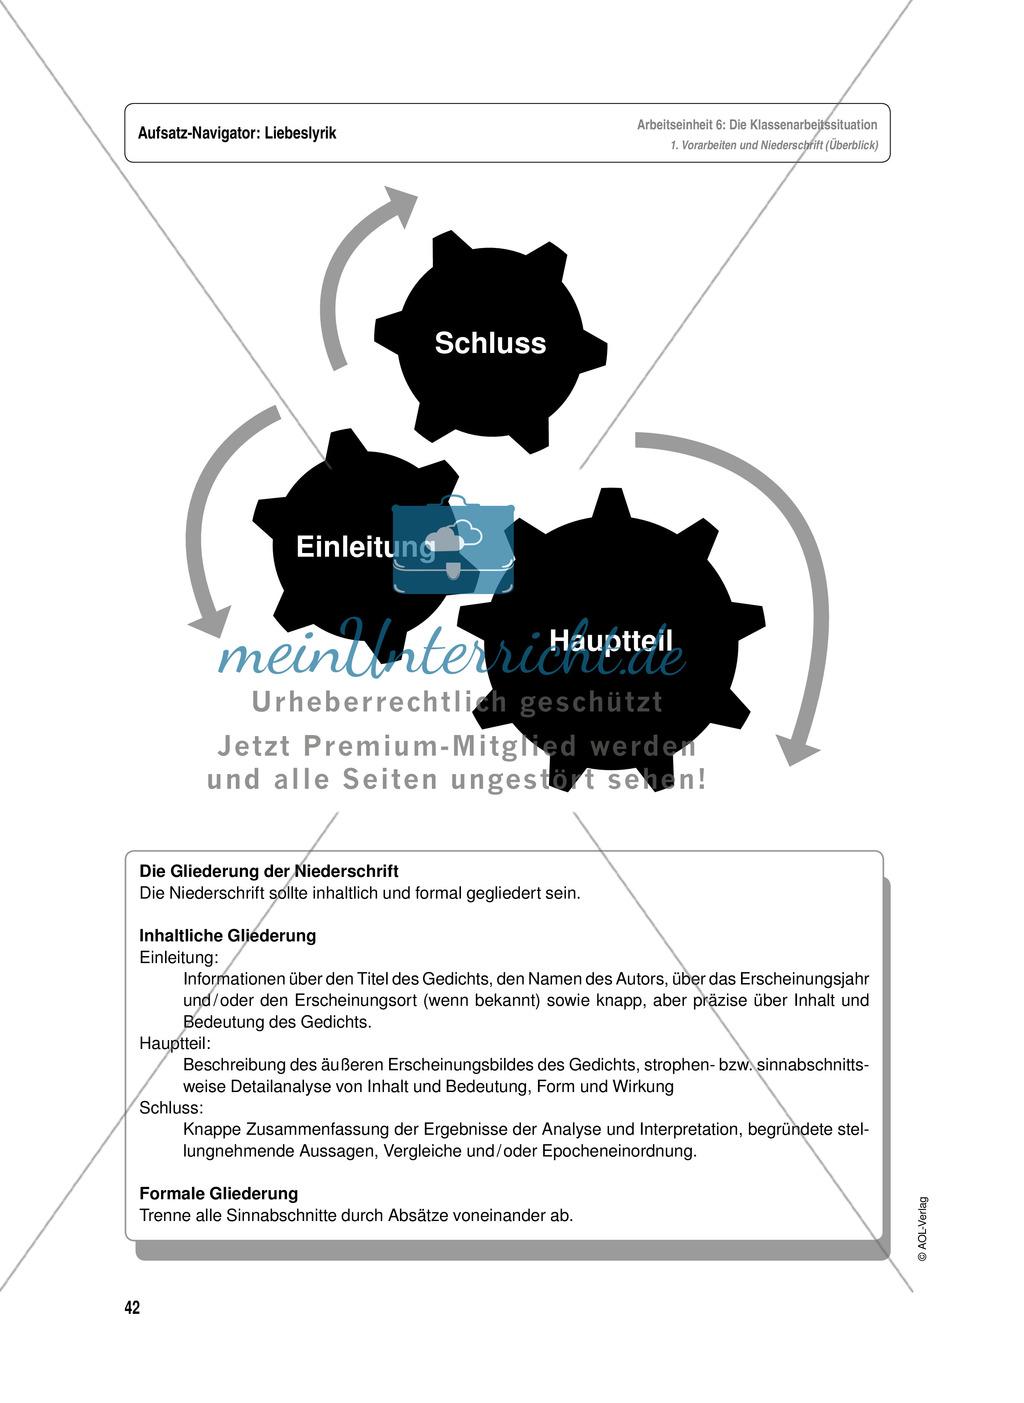 Arbeitseinheit zur Gestaltung einer Analyse / Interpretation von ...